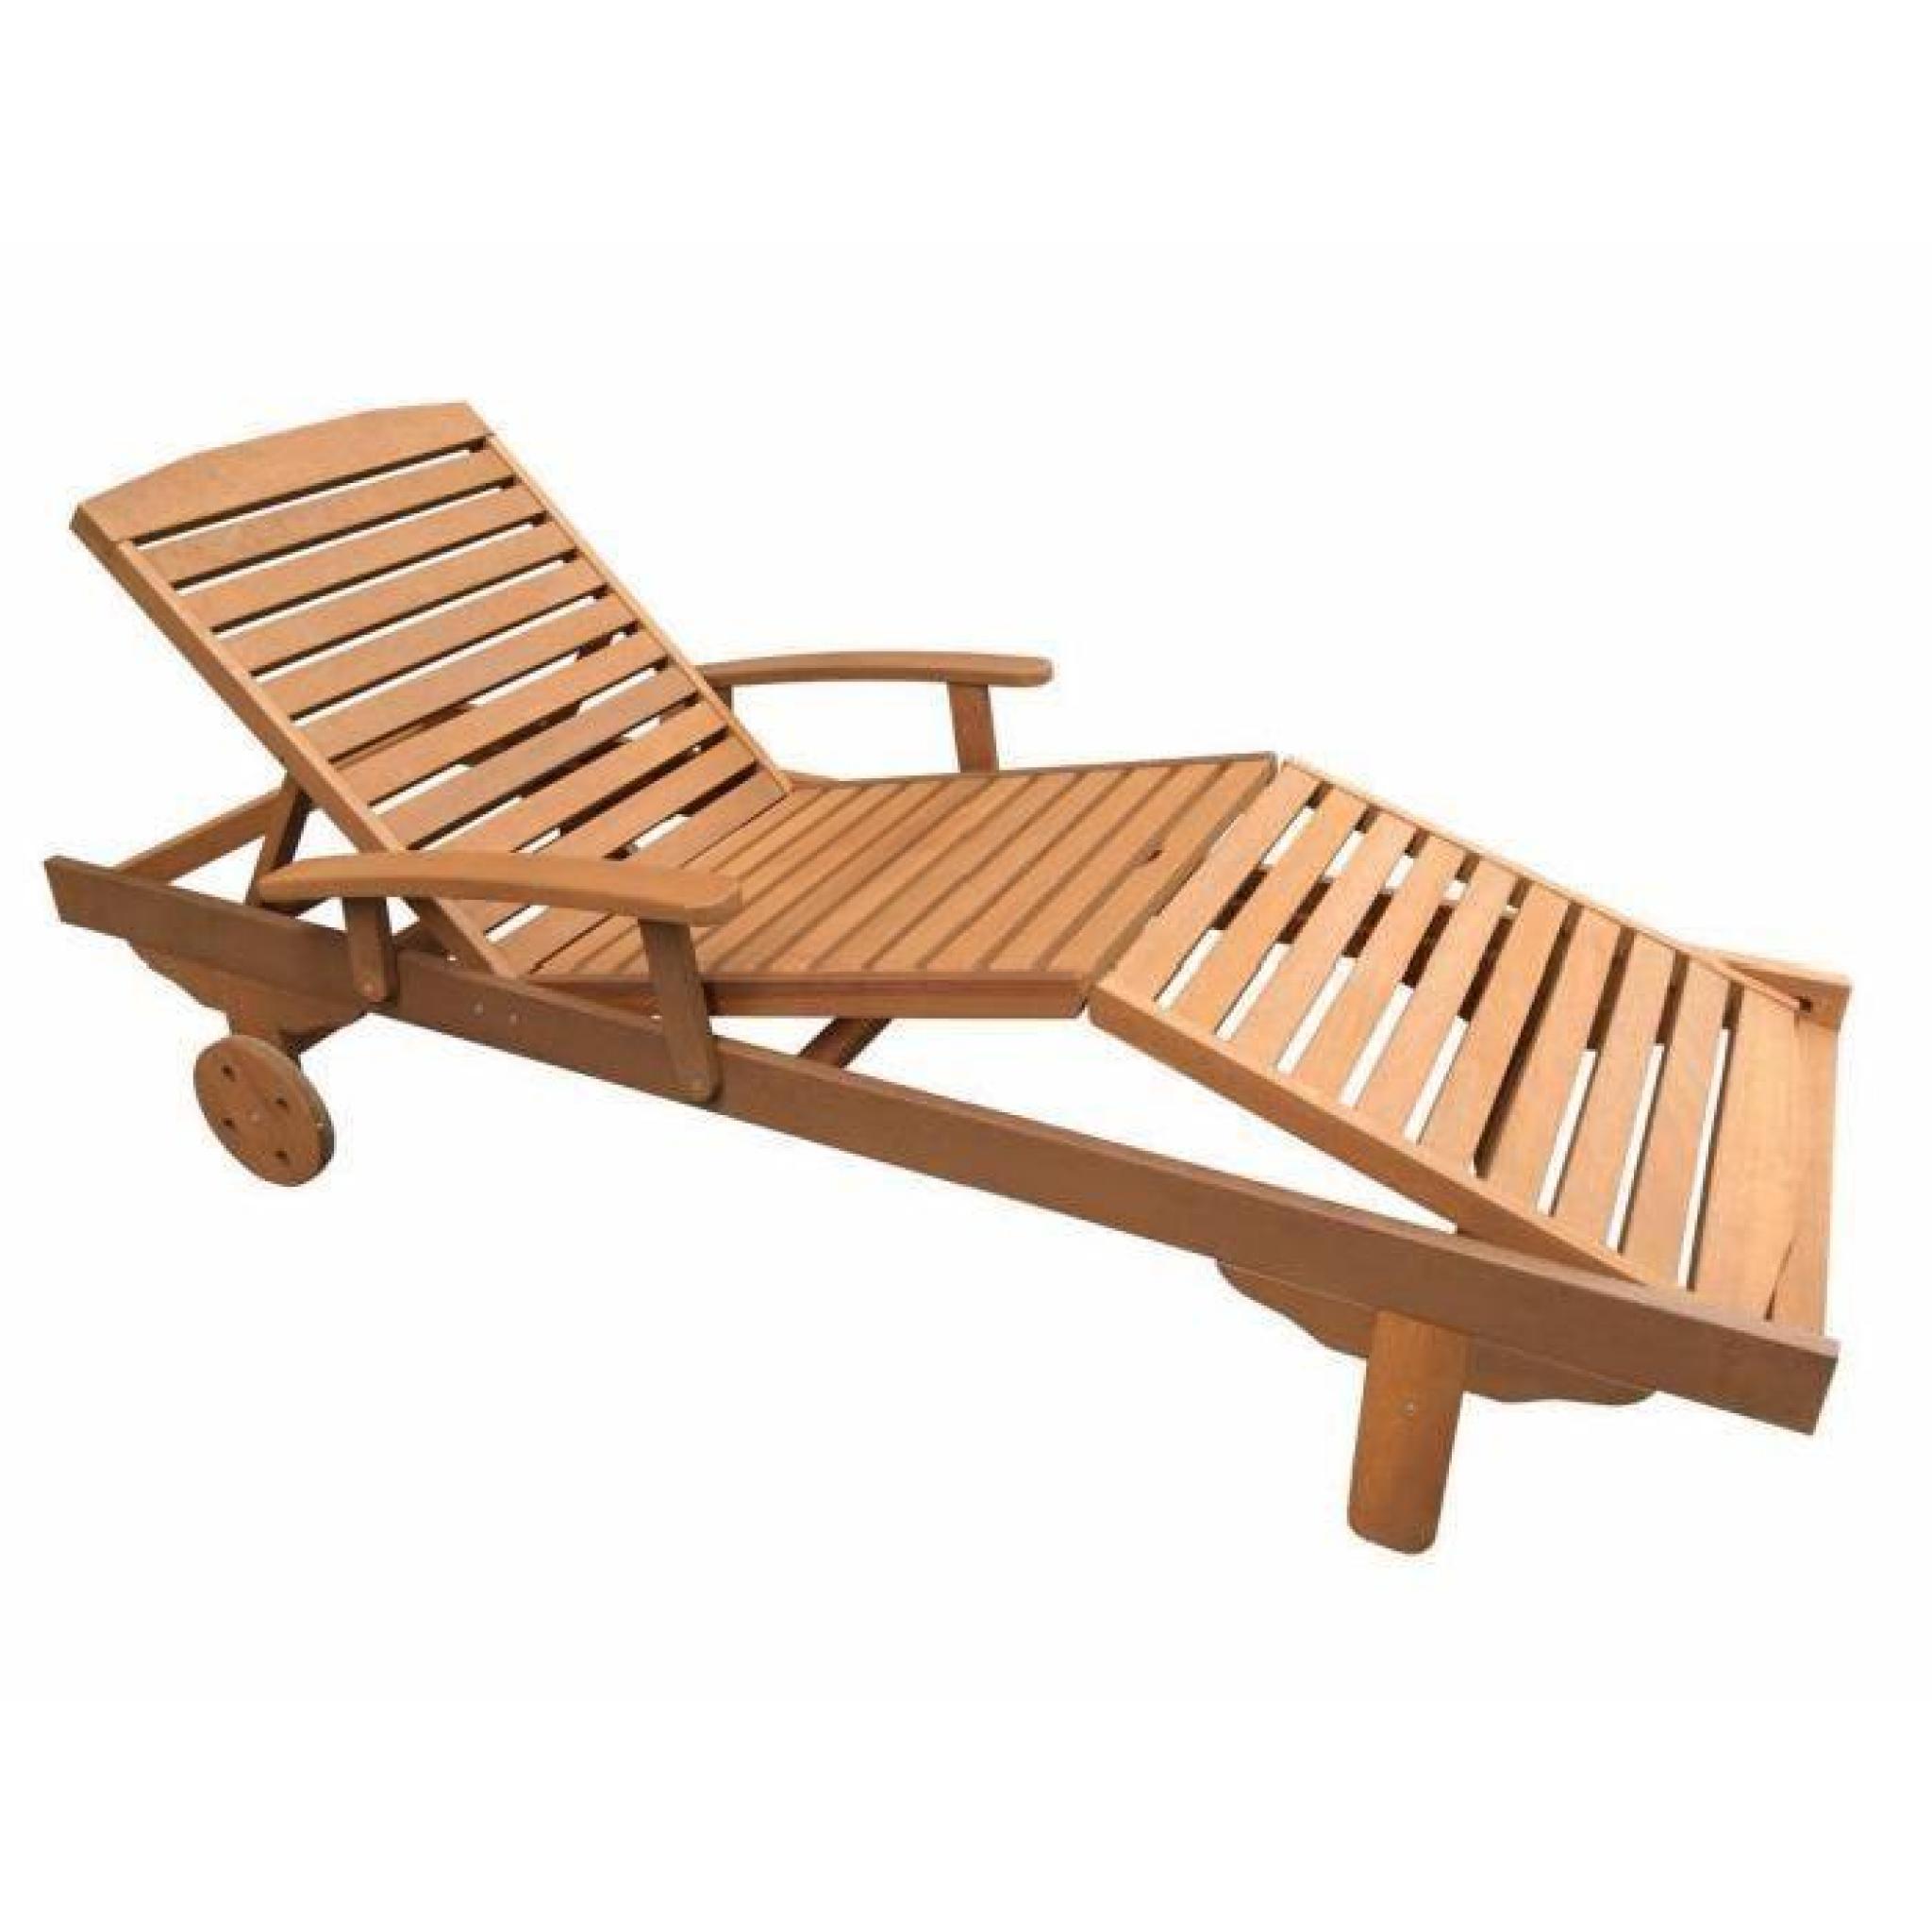 lot de 2 bains de soleil pliant en bois exotique singapour maple marron clair - Transat Bois Pas Cher